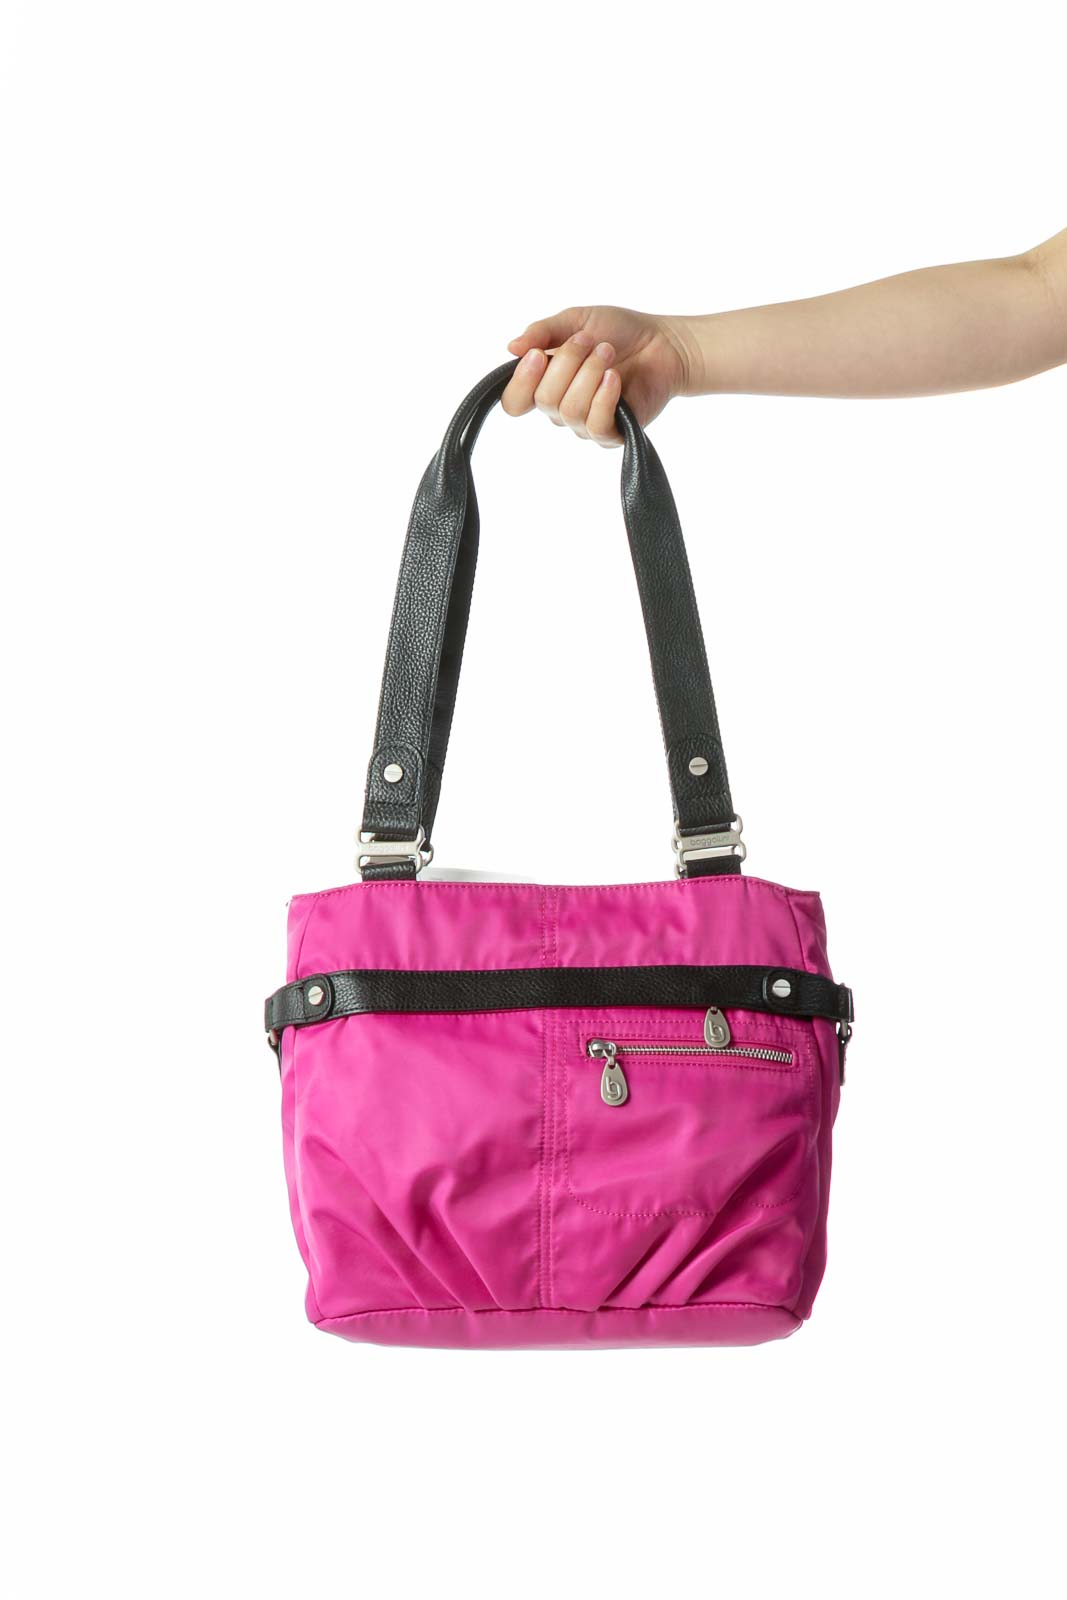 Magenta Pink Black Hardware Zippered Shoulder Bag Front